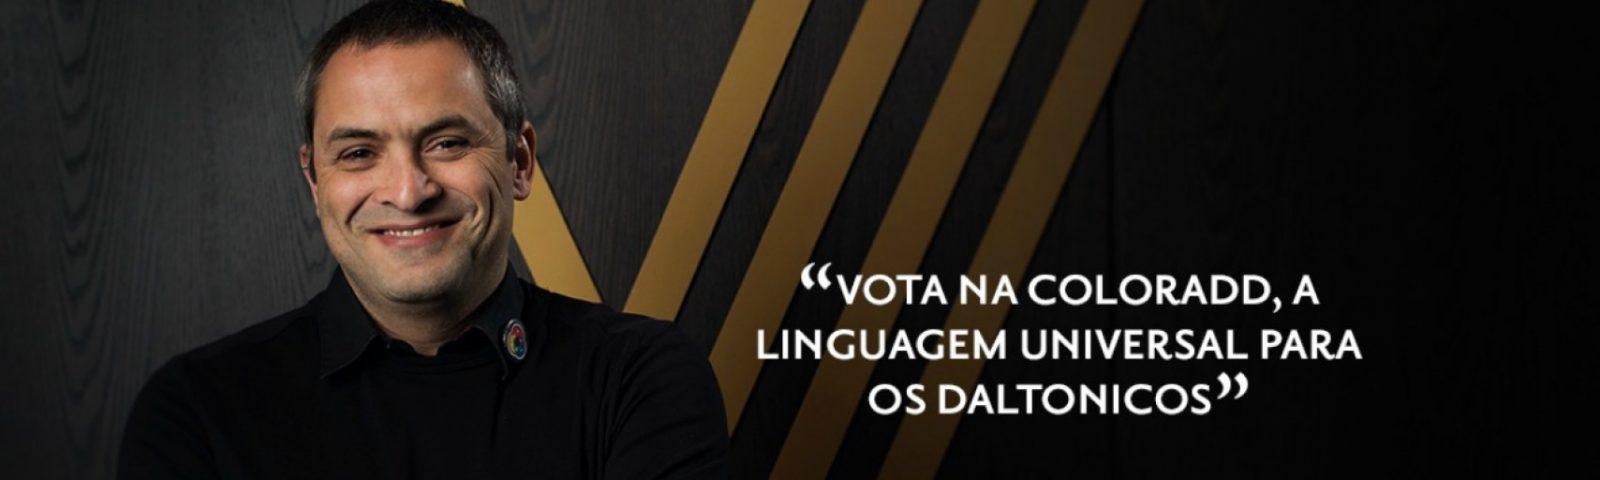 ColorADD é o único finalista português em concurso internacional de empreendedorismo